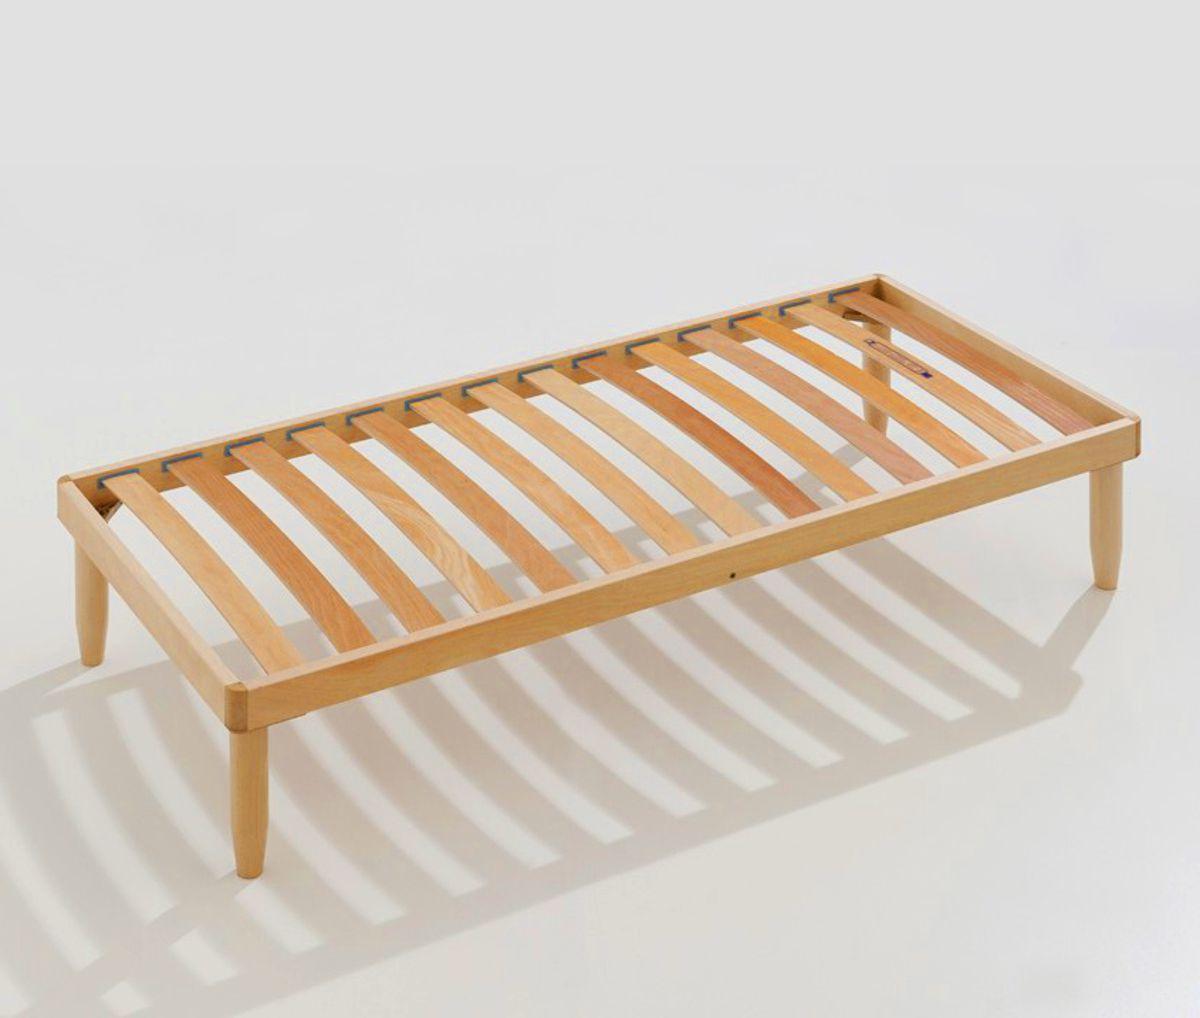 Rete-legno-natural-2